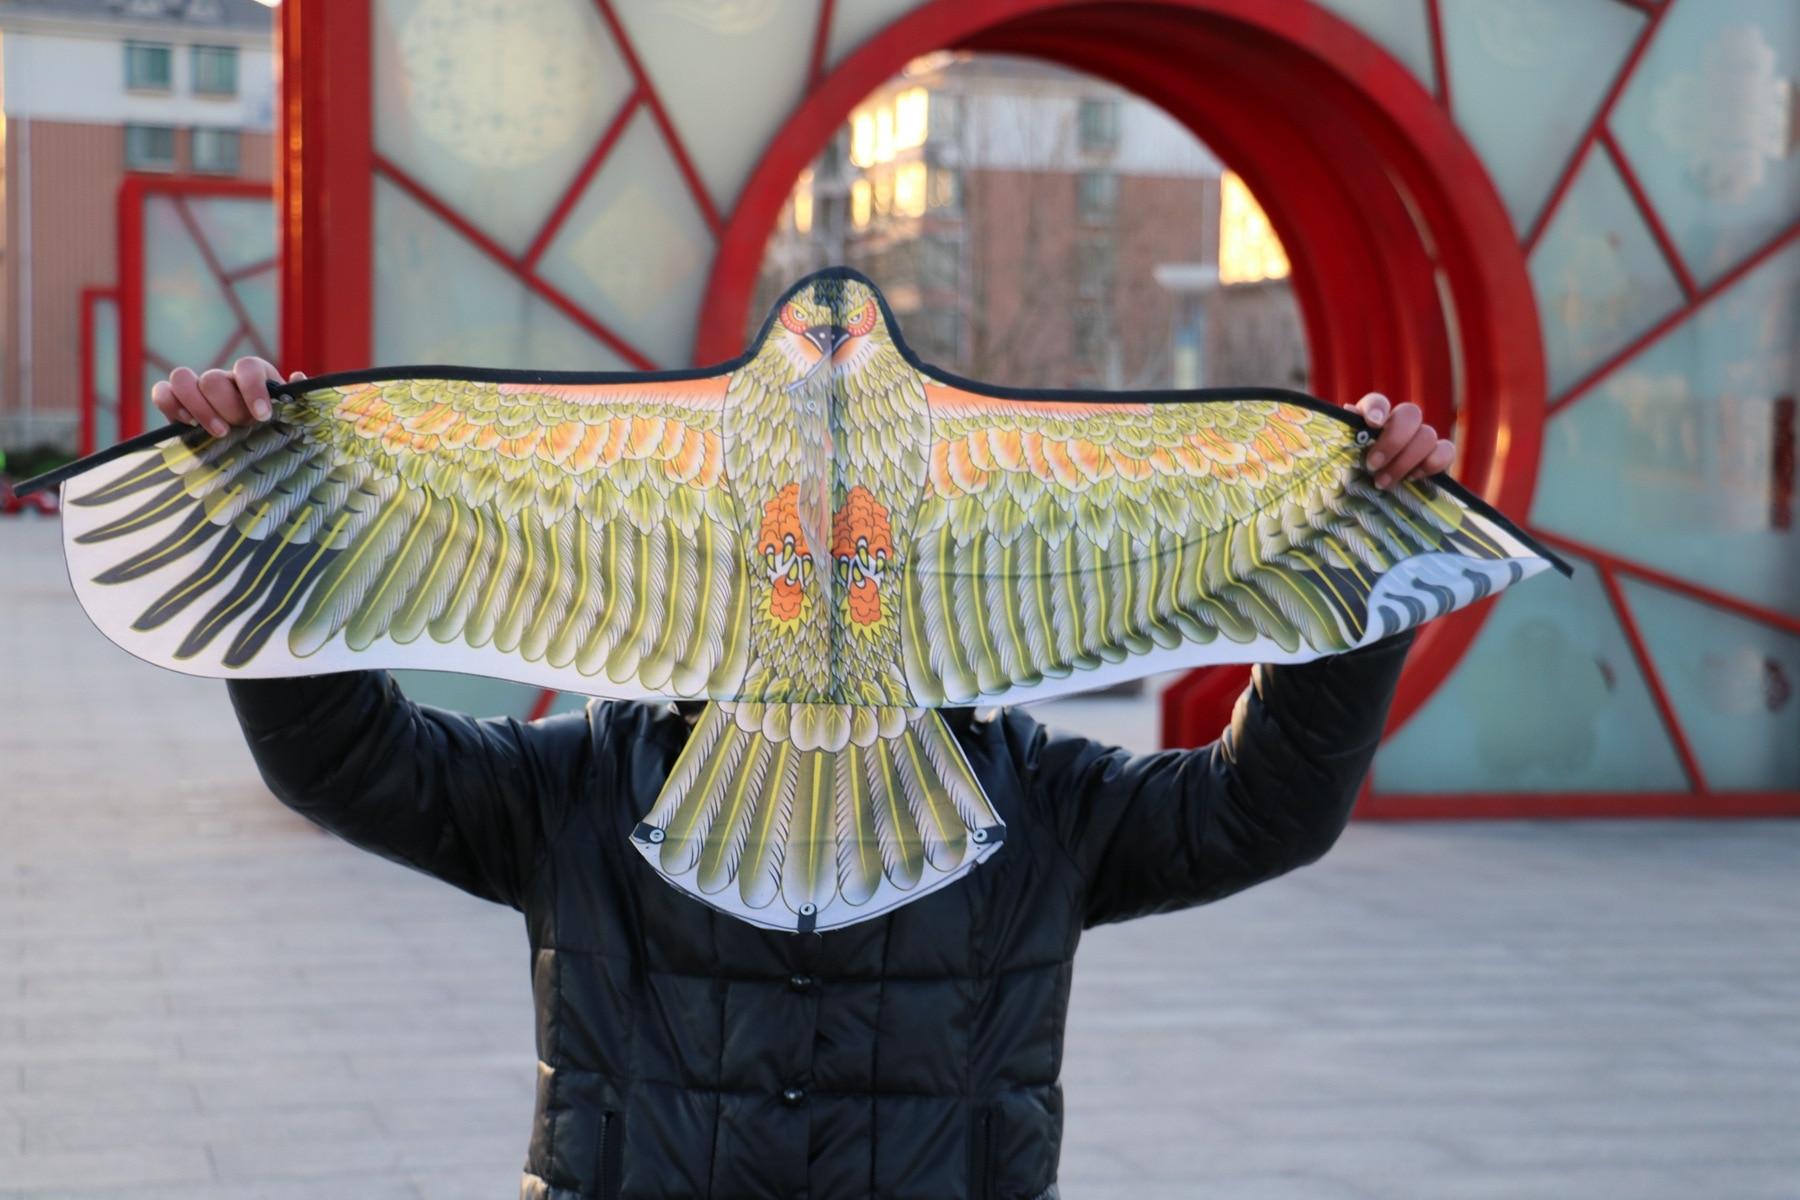 1 kos naključne barve DIY Eagle Kite slikanje kajta letenje brez ročaja linije zunanje igrače letenje Papalote igrače kite Fly a zmaj